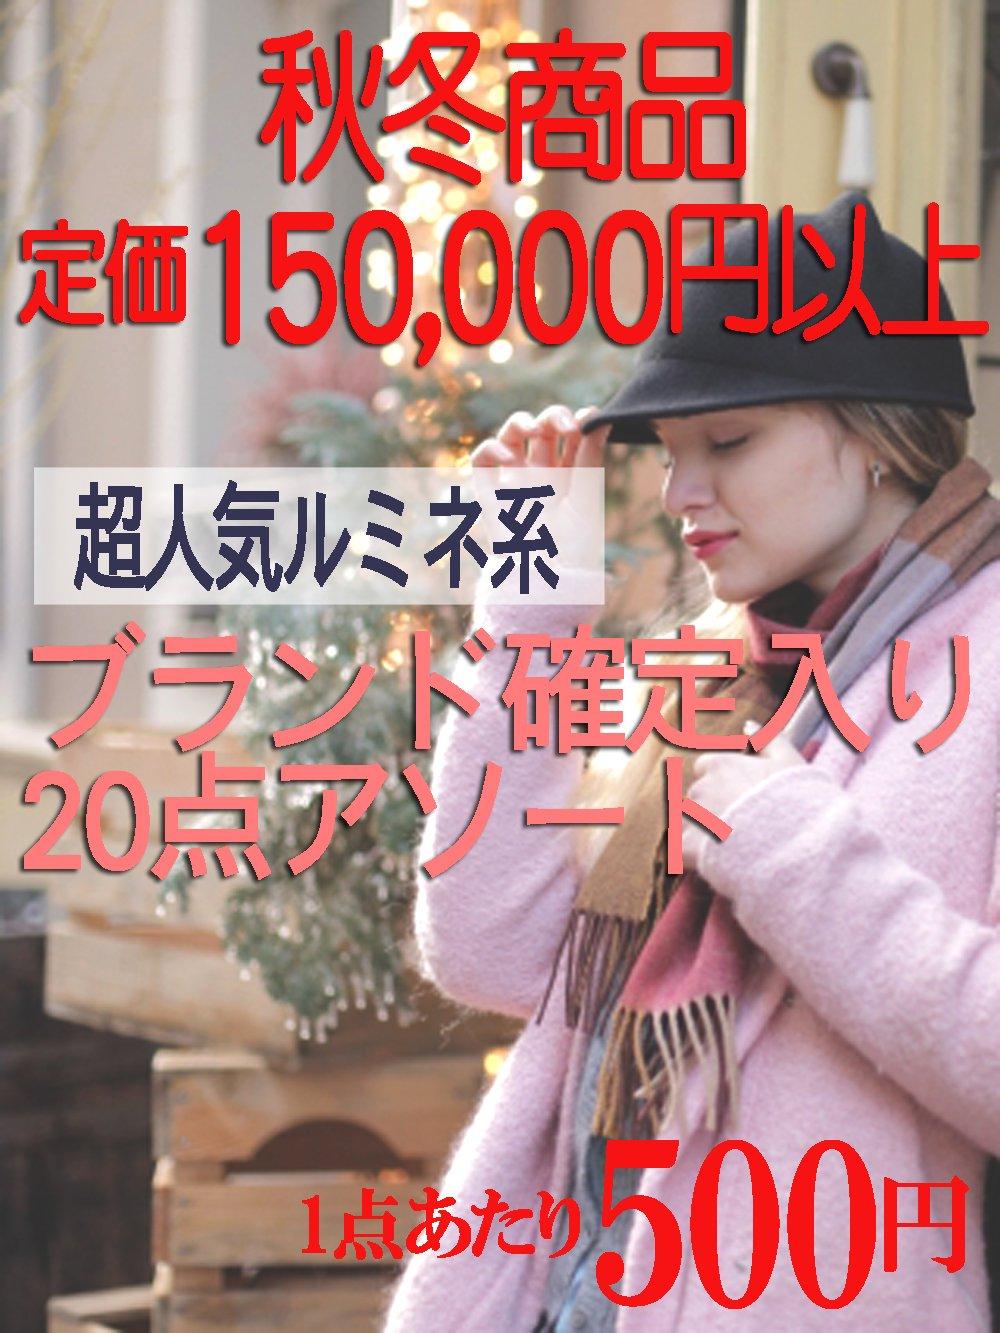 【 秋冬定価150.000円以上 】 超人気ルミネ系ブランド確定入り  アソート【20点】@500